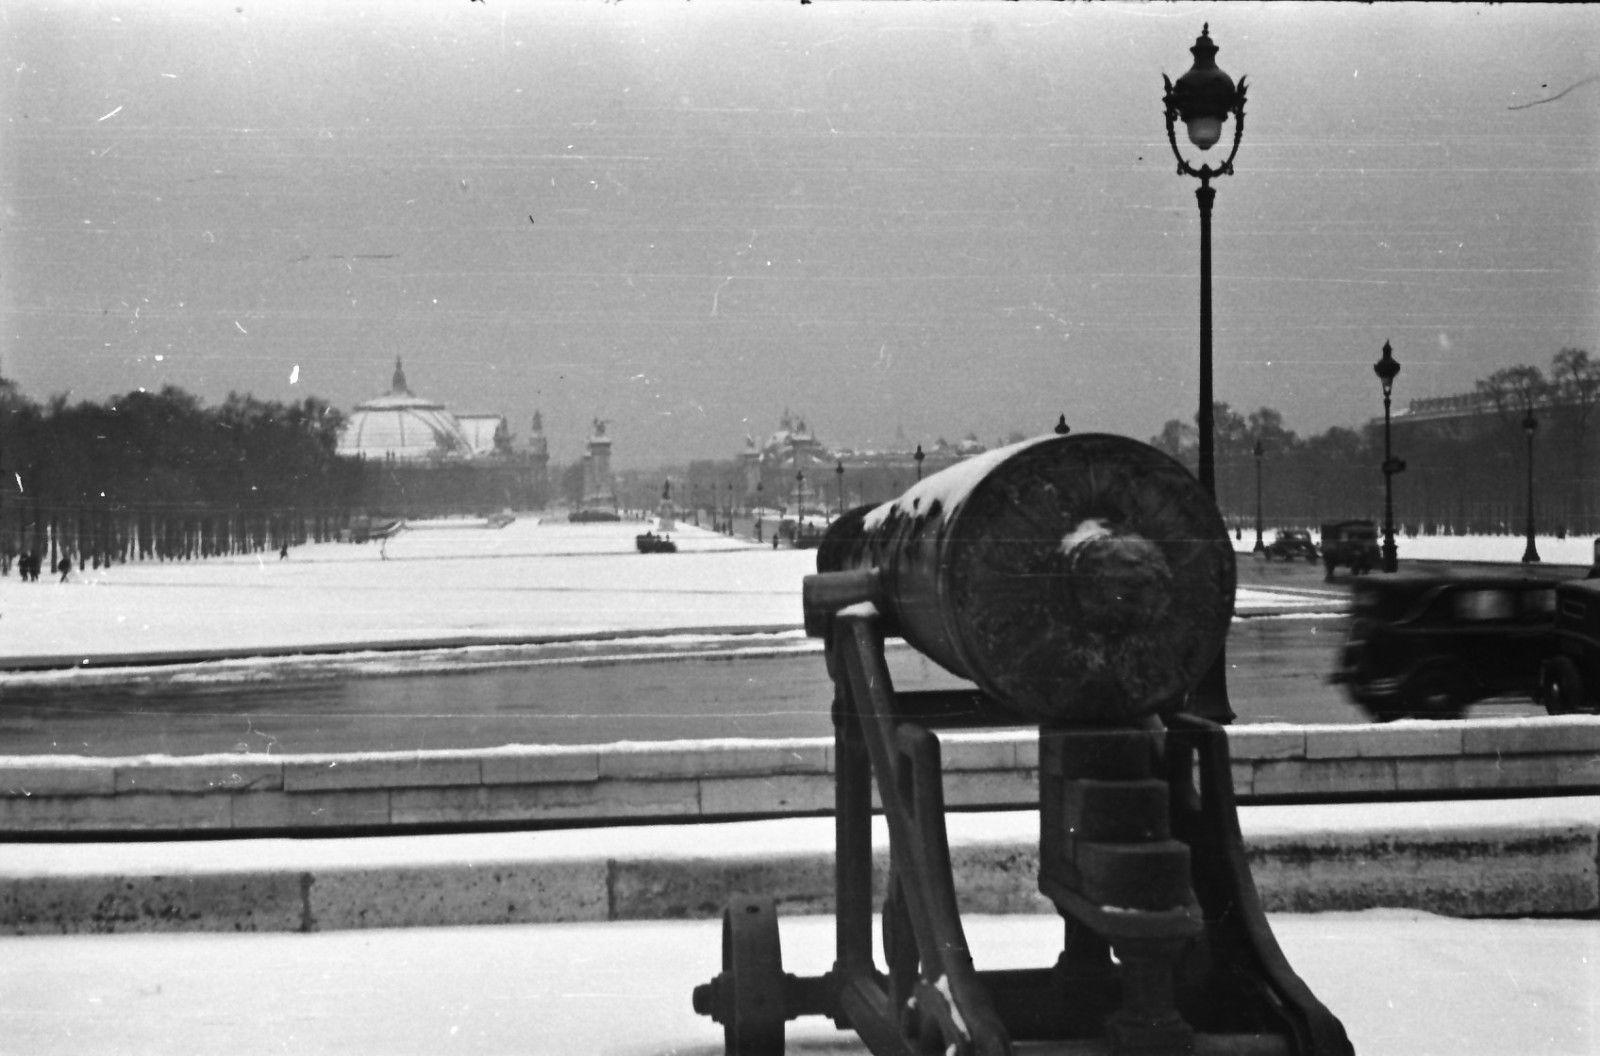 Площадь Согласия. Фонтан в снегу